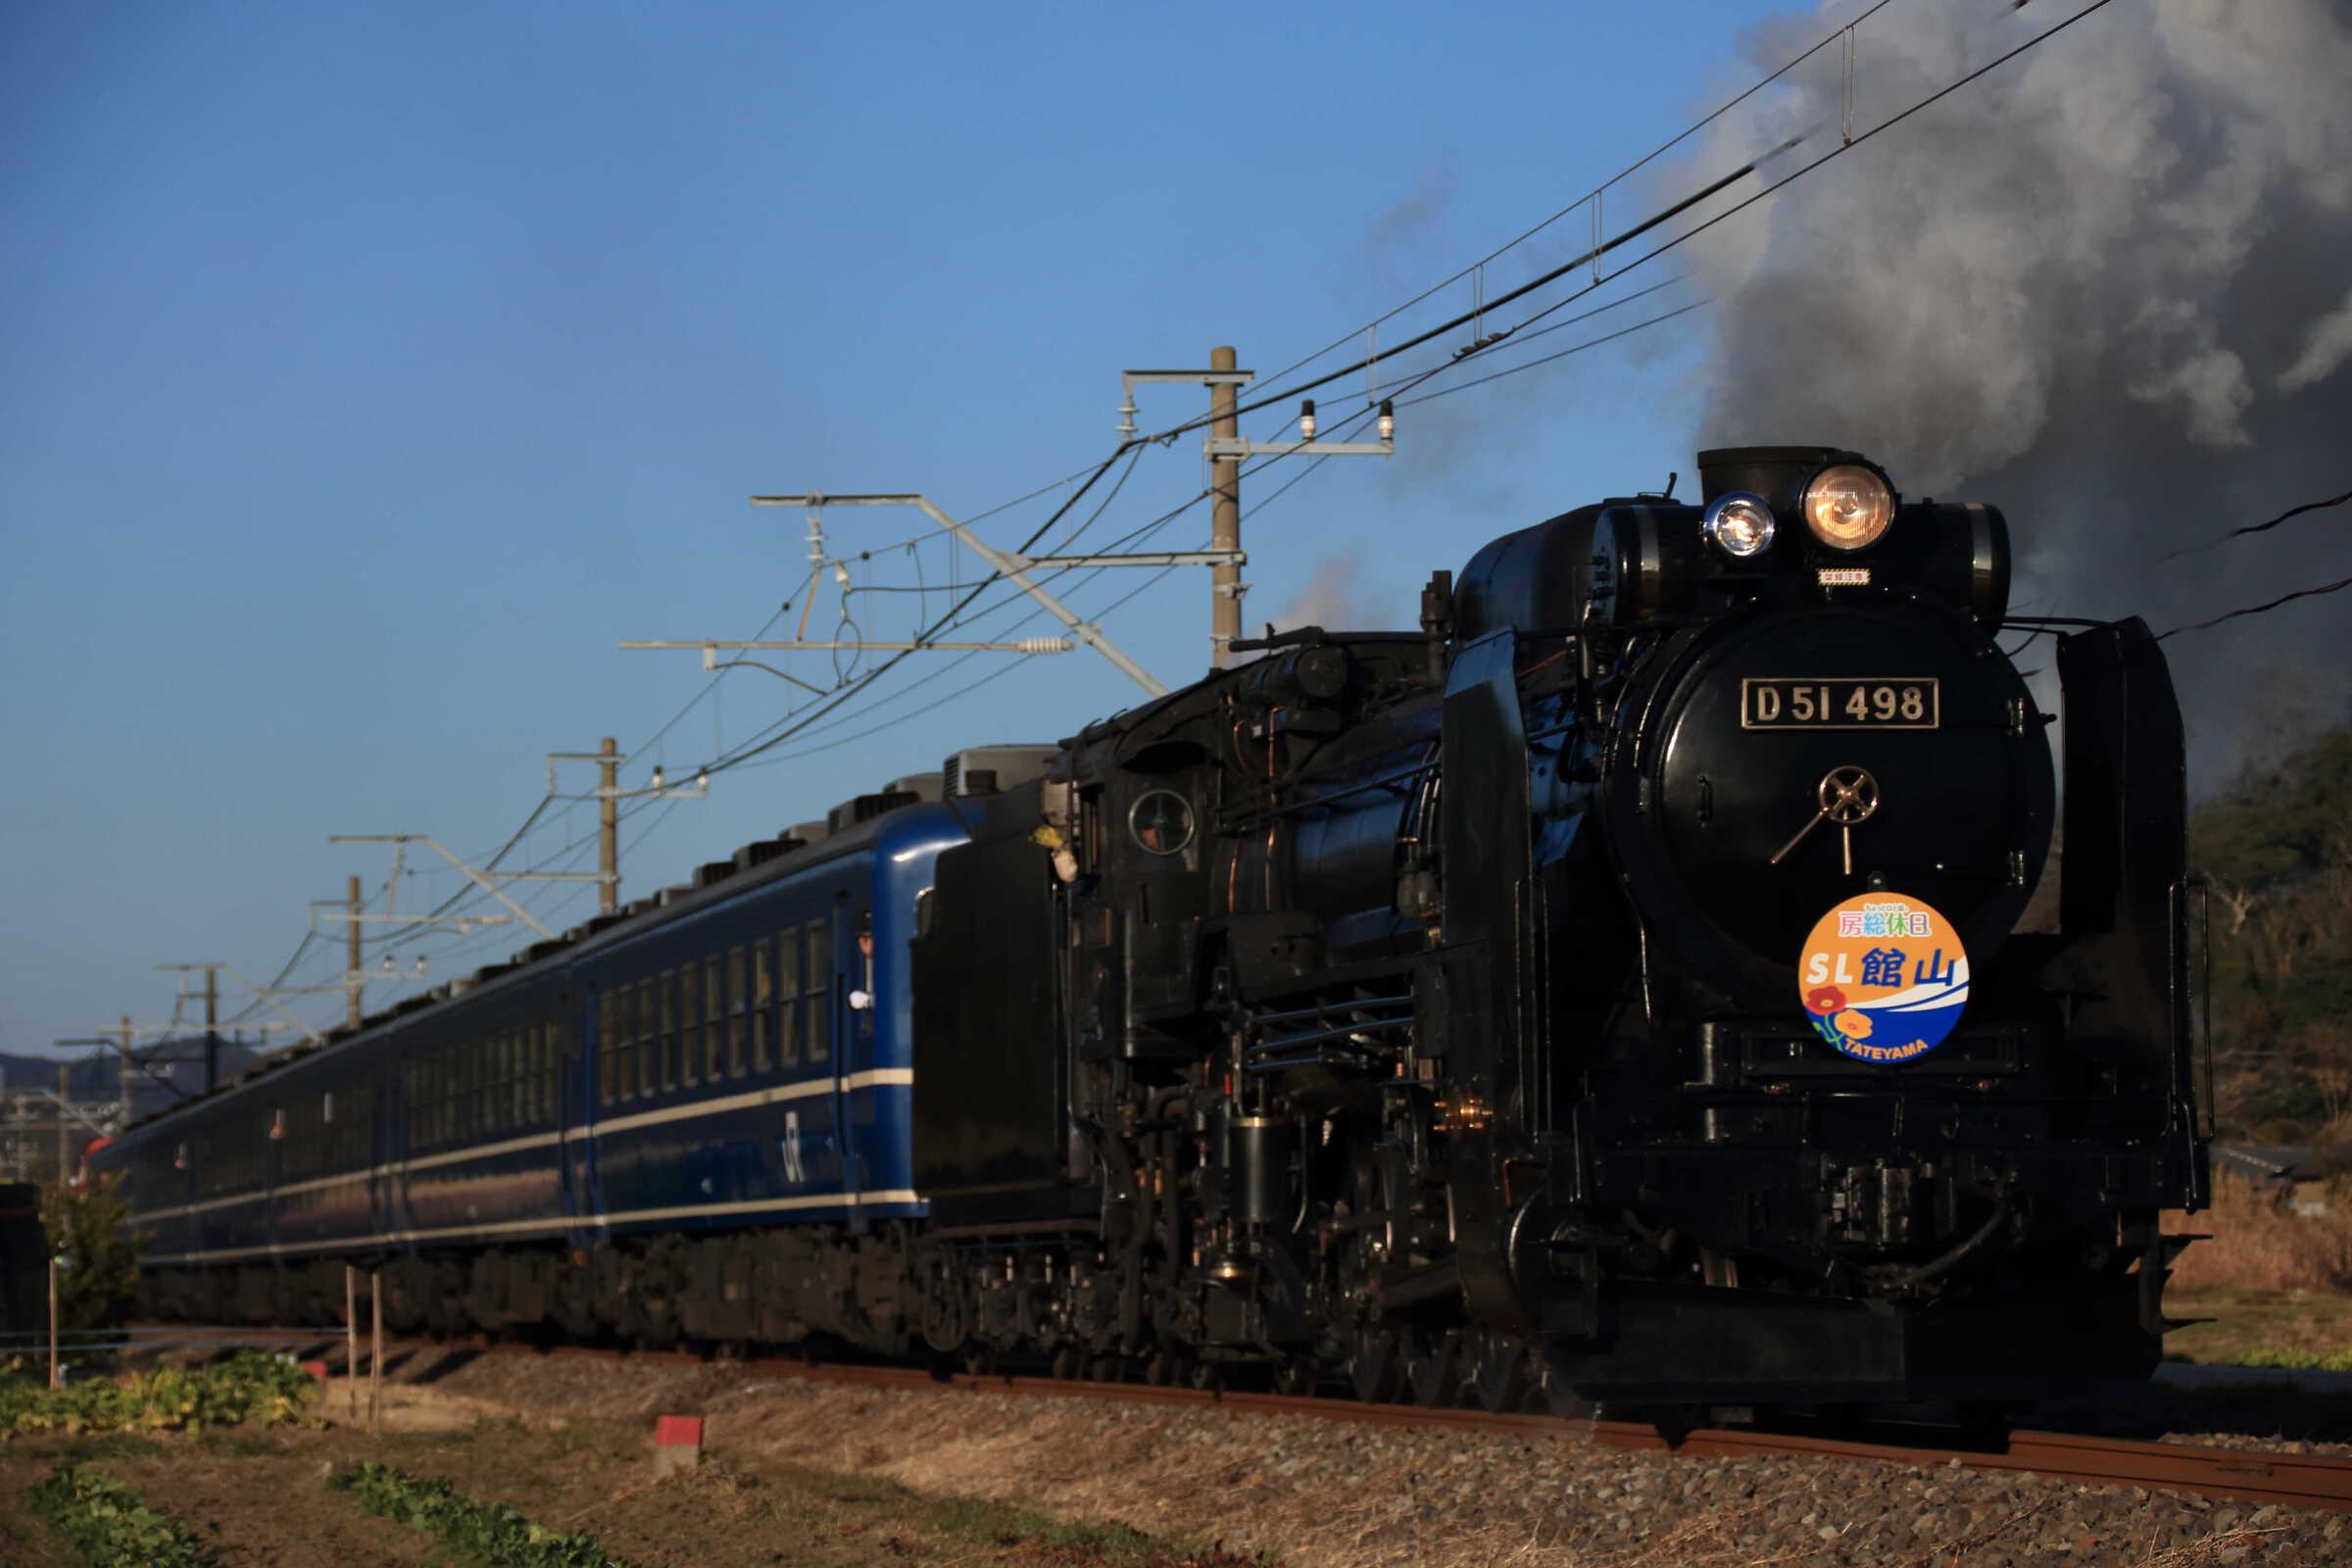 9124列車 快速 SL館山 D51-498[高]<臨A582>+12系 高タカ車6両(オヤ12-1込み)+DE10-1704[宇]<臨A111>